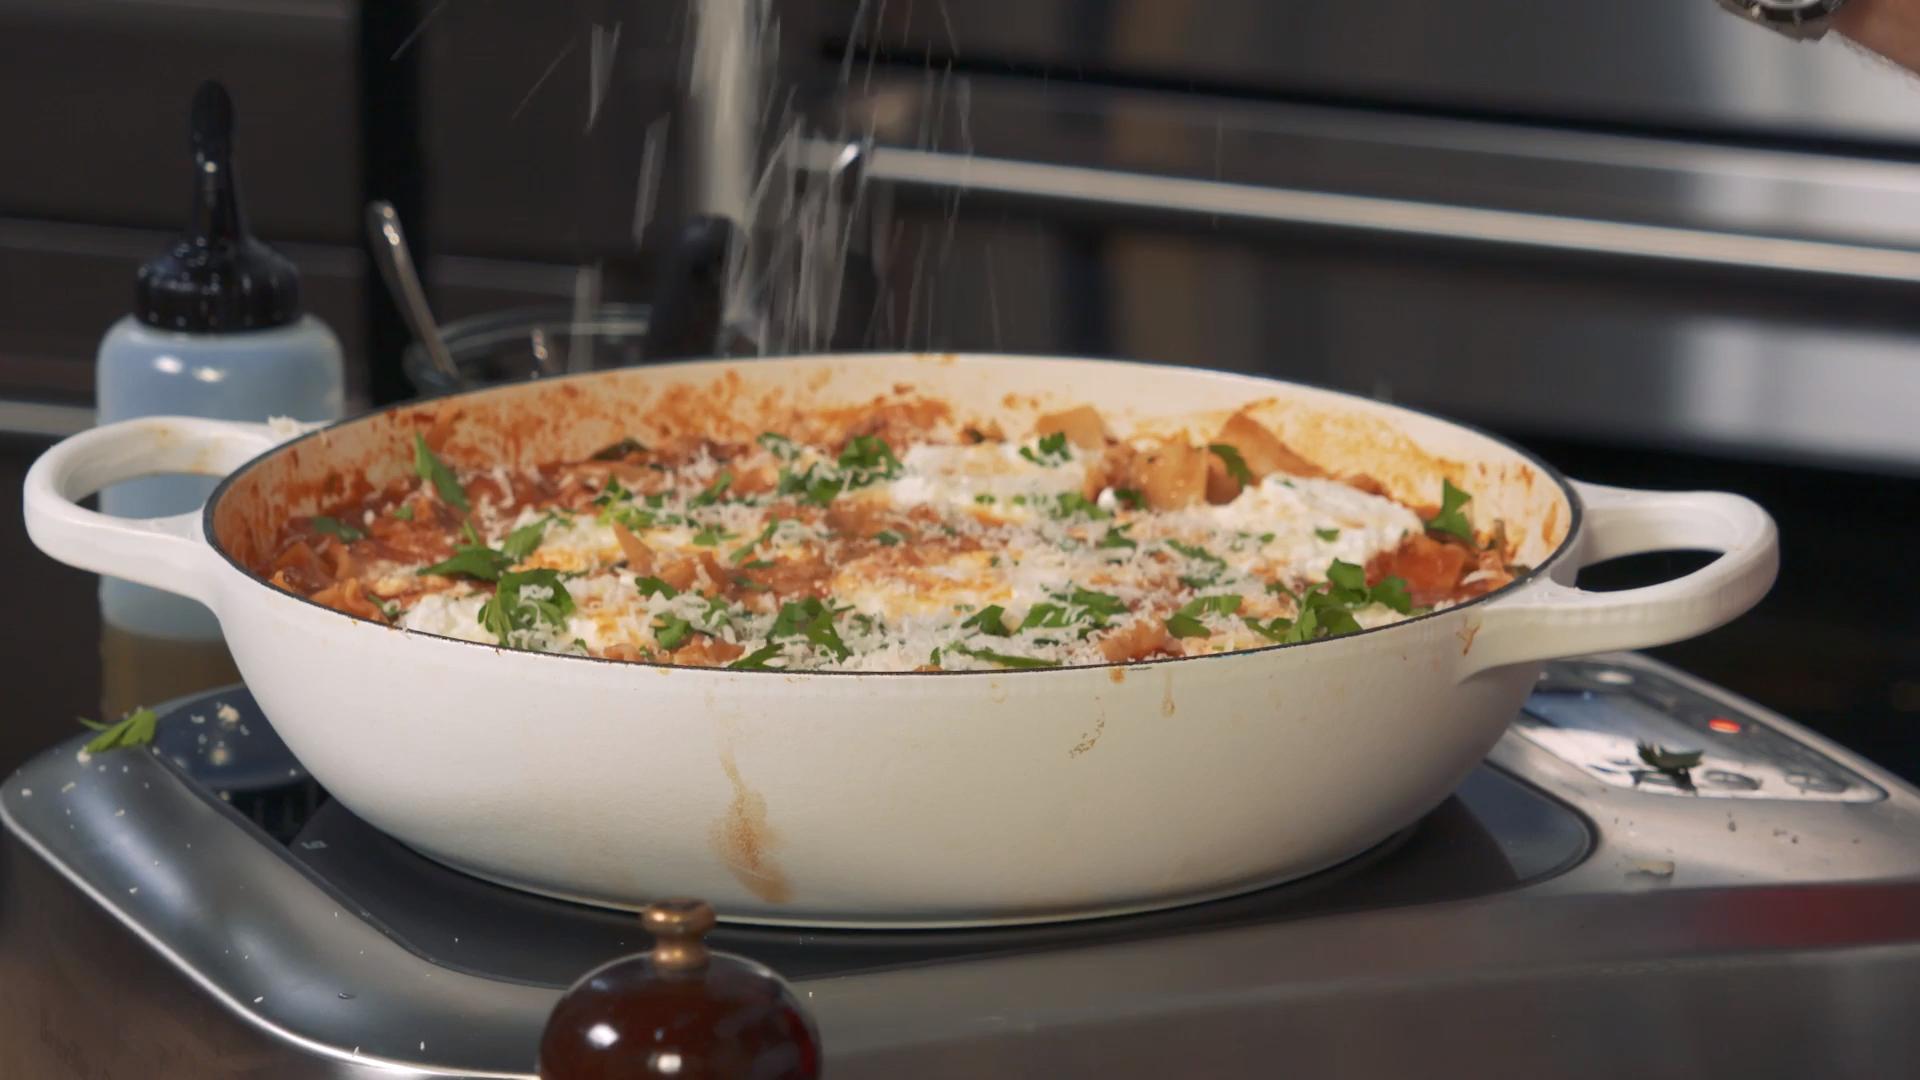 Harissa-Lamb Skillet Lasagna